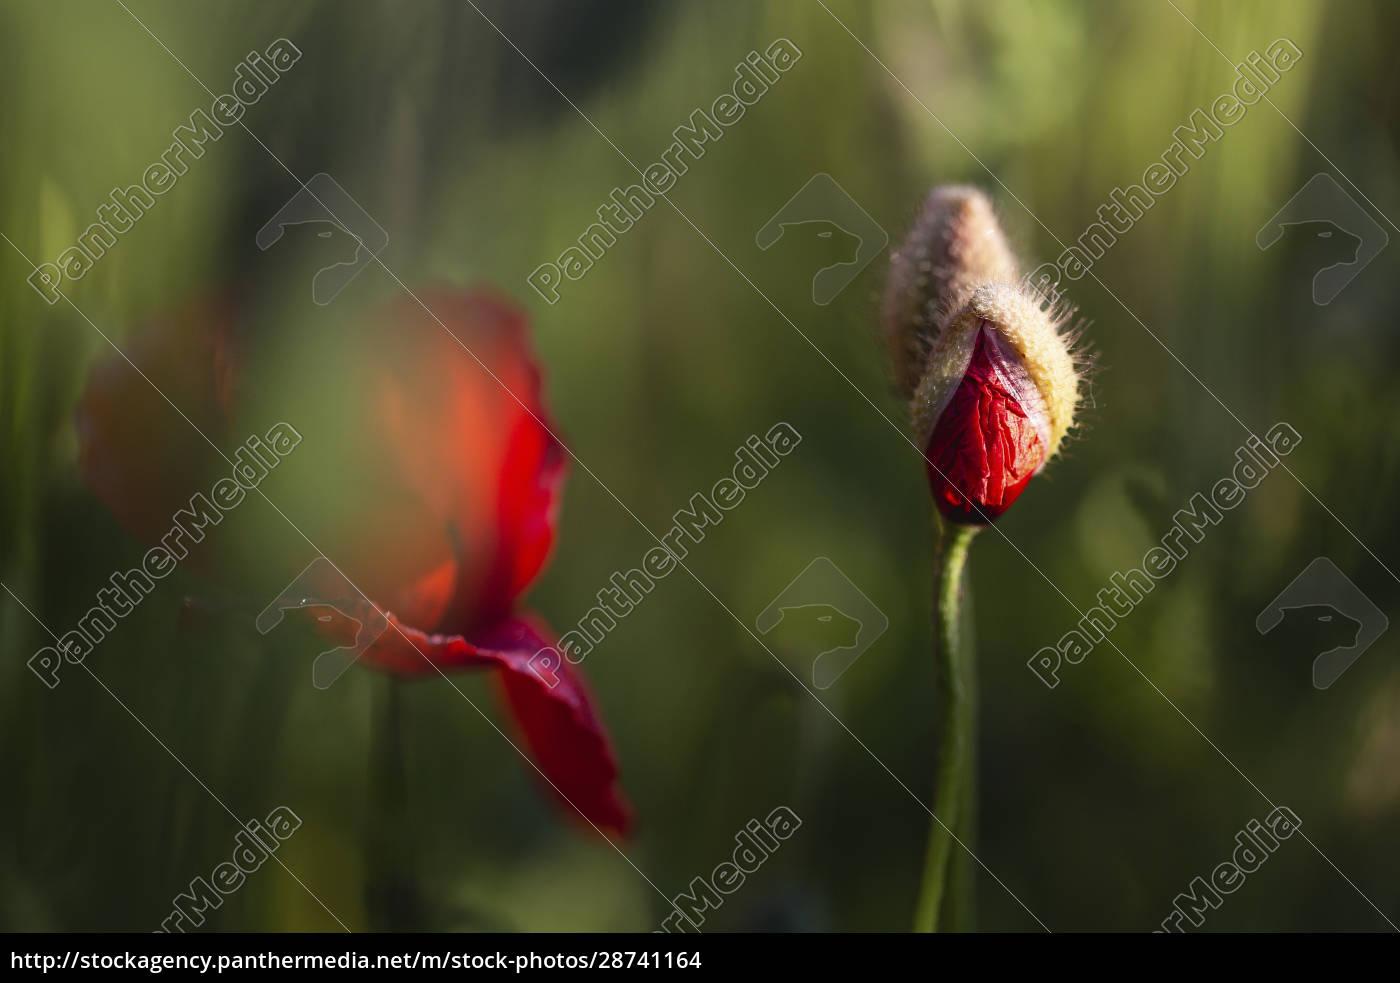 red, poppy, bud, growing, in, field - 28741164